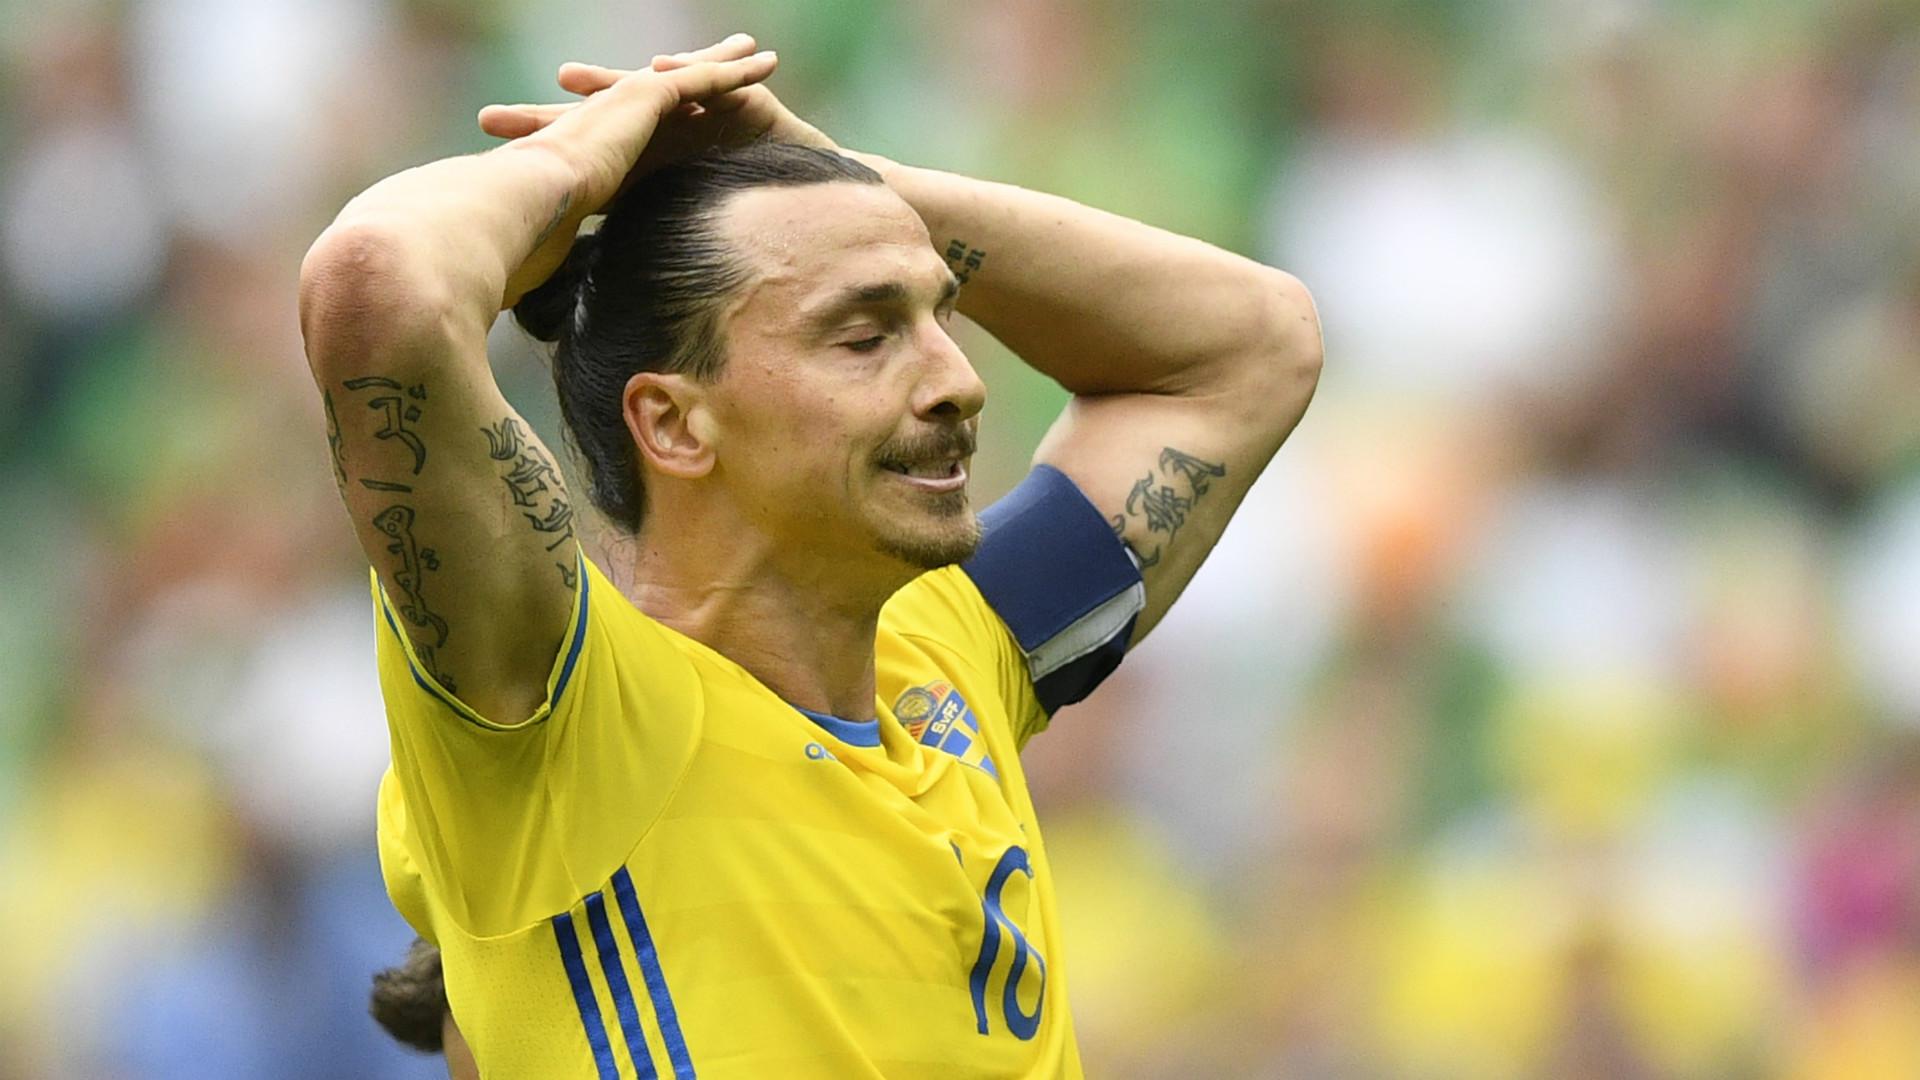 ibrahimovic - photo #33